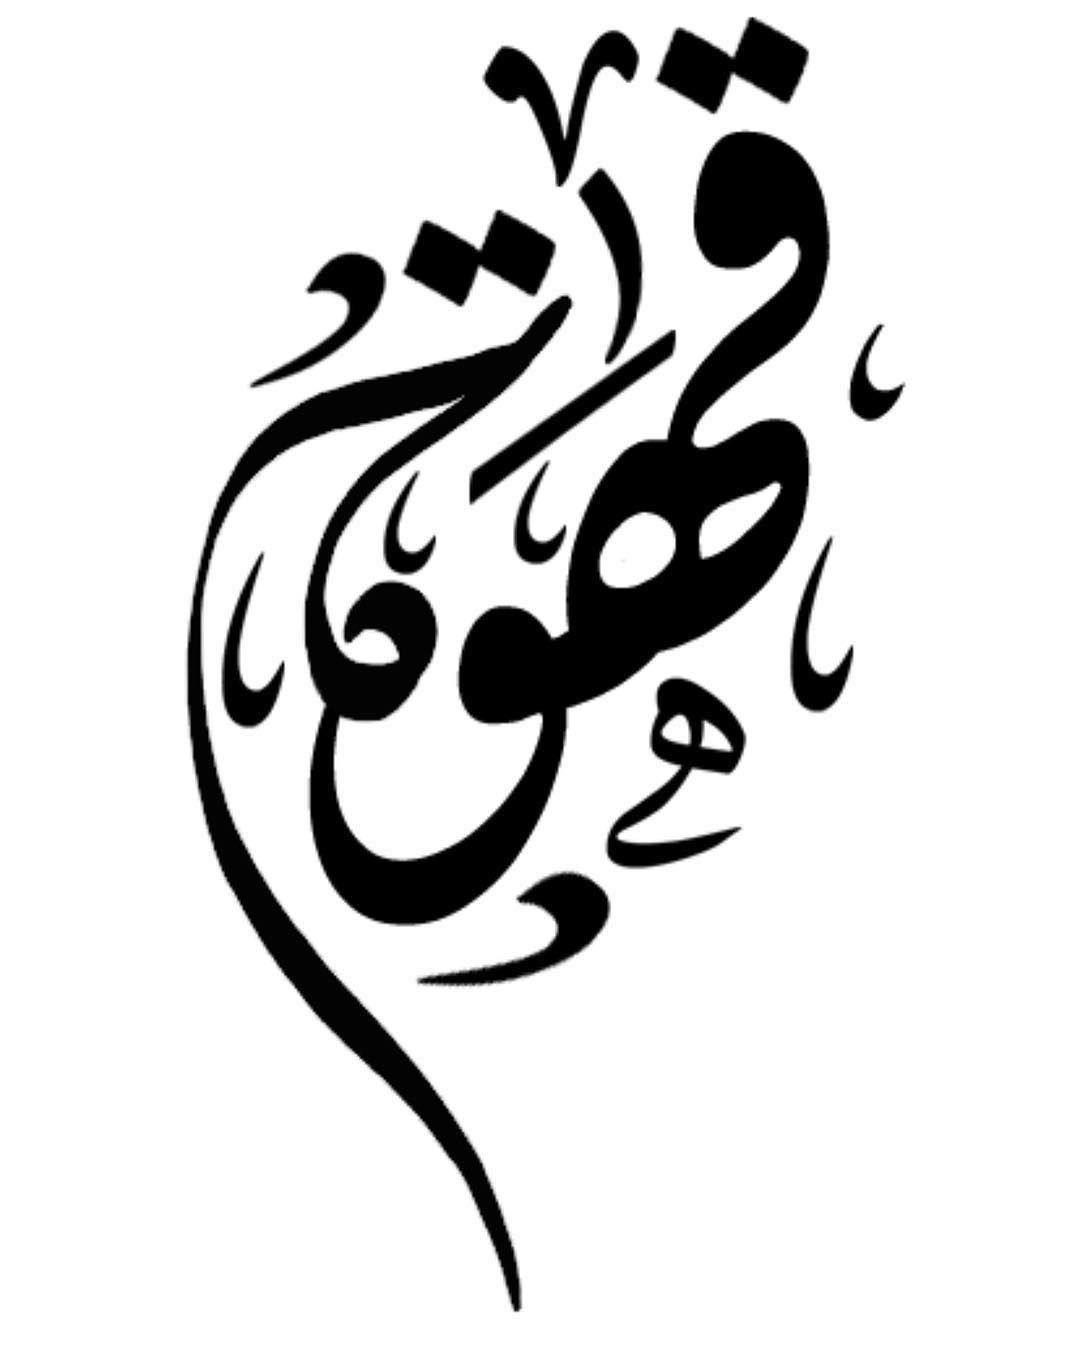 تشبهين مكاتيب الغزل والأغاني الجميلة قهوه تصوير تصويري كويت كويتي قطر عطور عطر بحرين سعوديه كويت ق Coffee Art Islamic Art Calligraphy Calligraphy Art